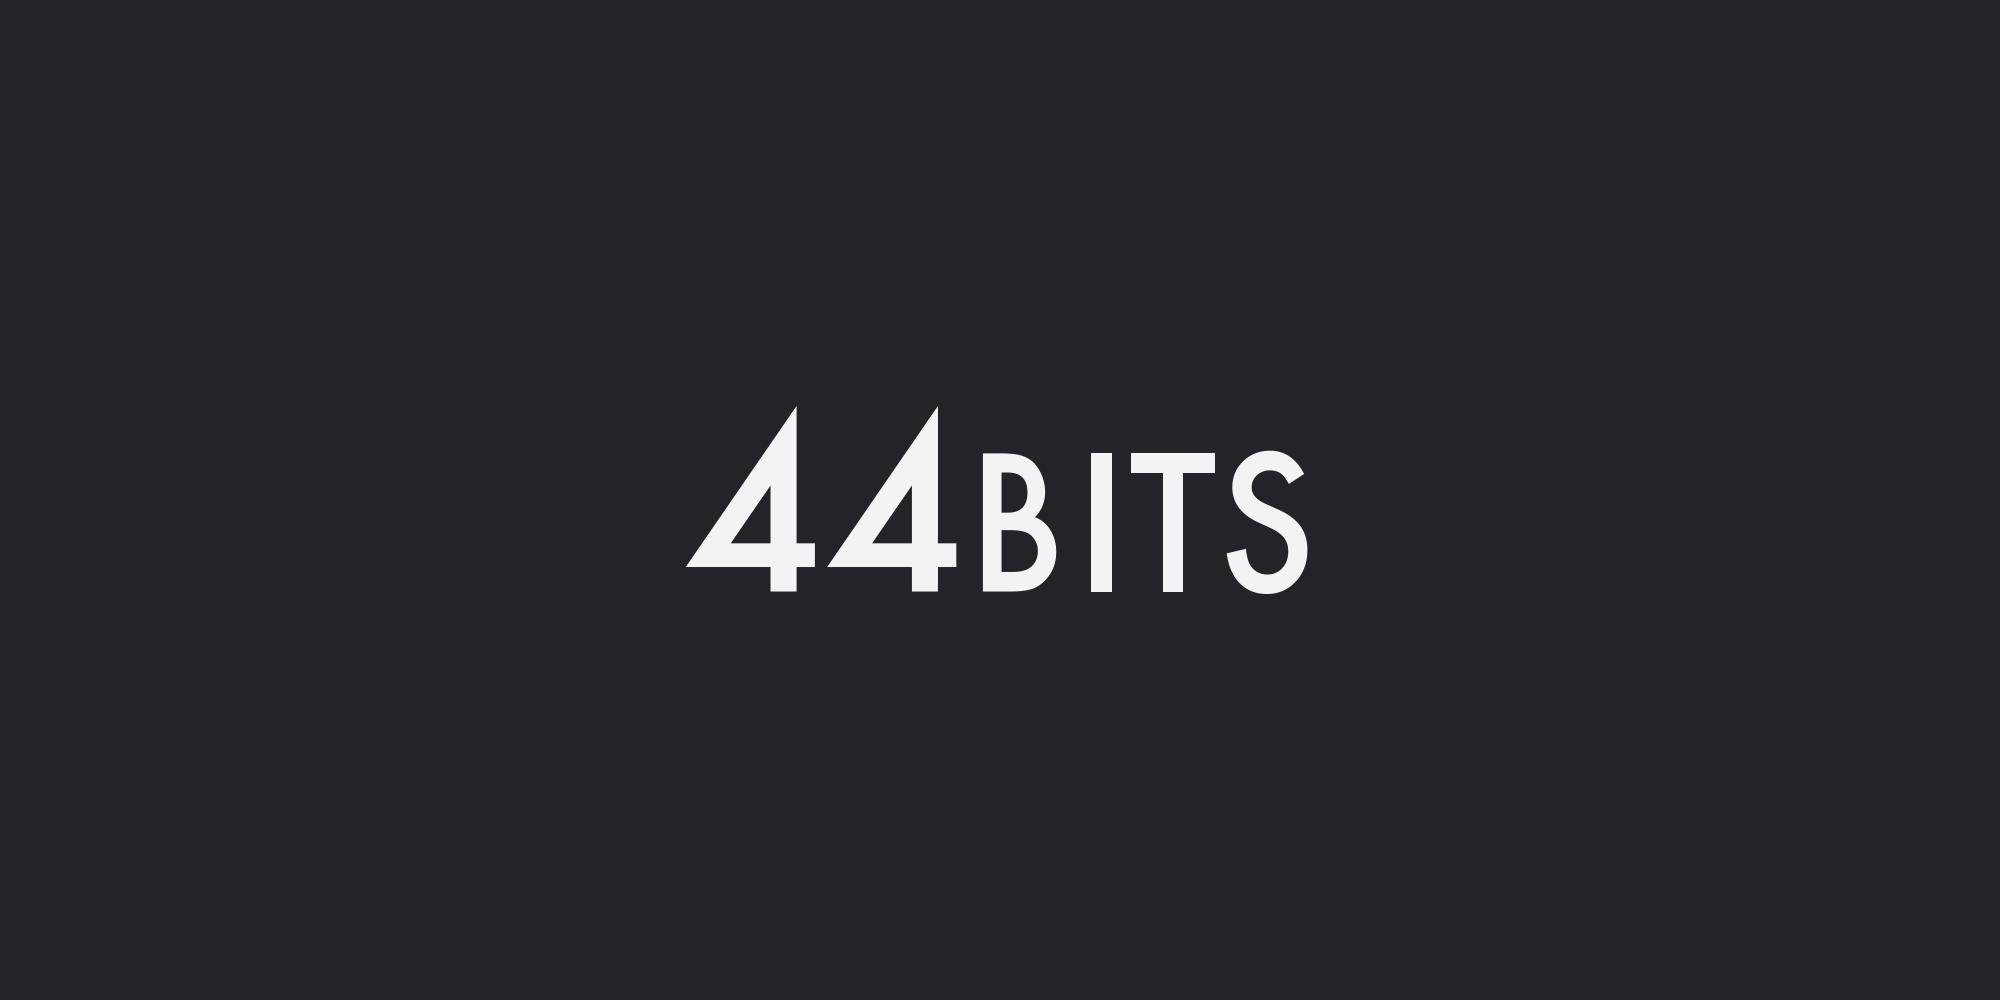 44BITS 로고